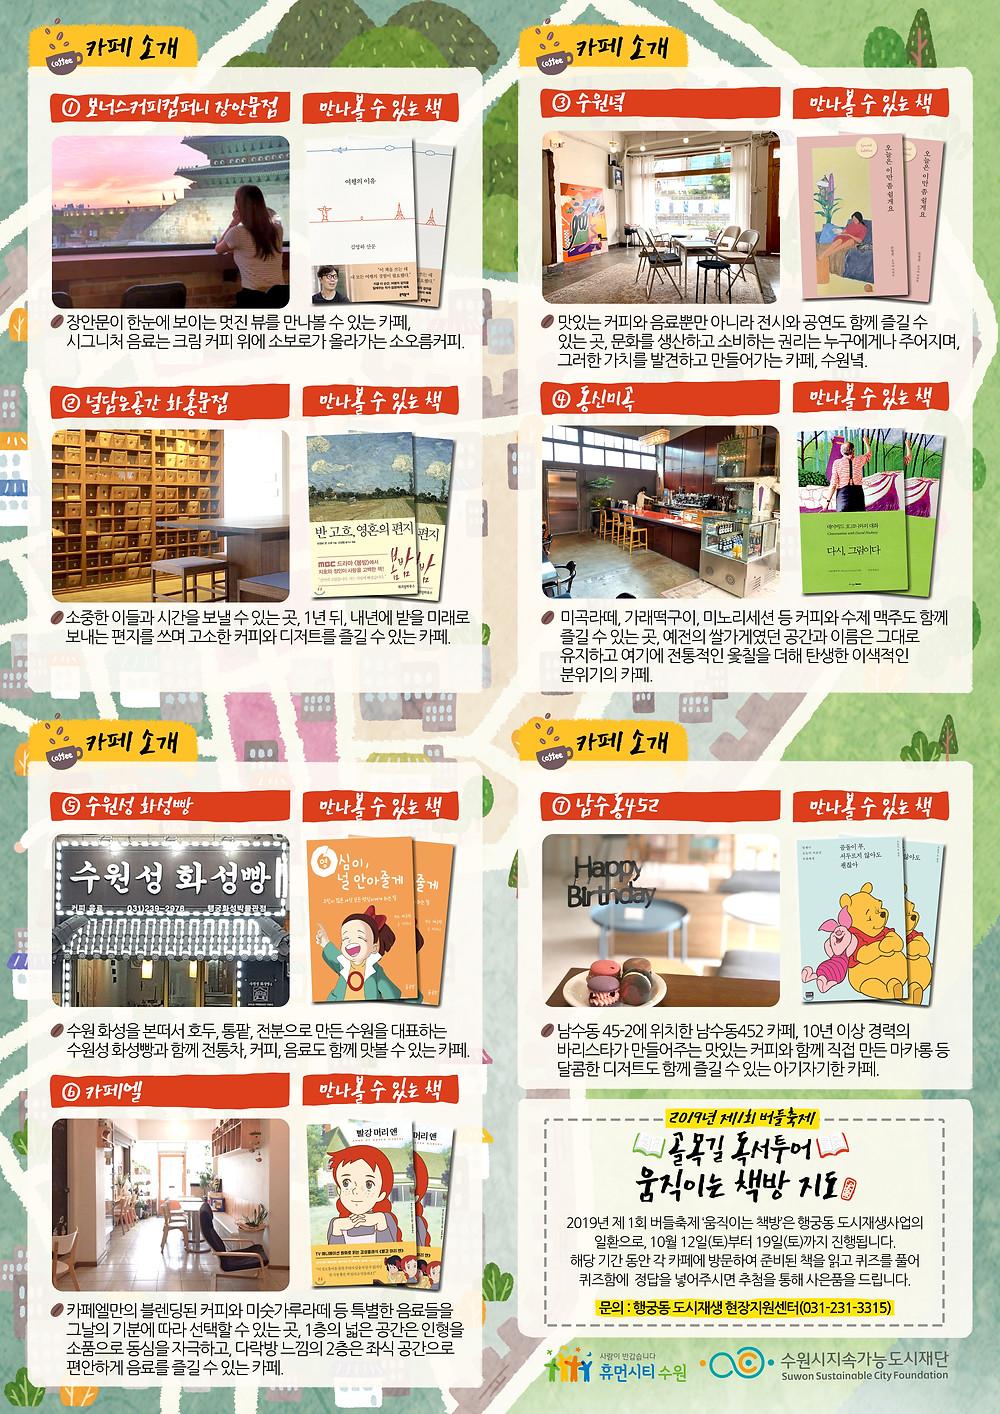 2019년 제1회 버들축제 골목길 독서투어 움직이는 책방 지도 - 03 수원 홍보물 디자인